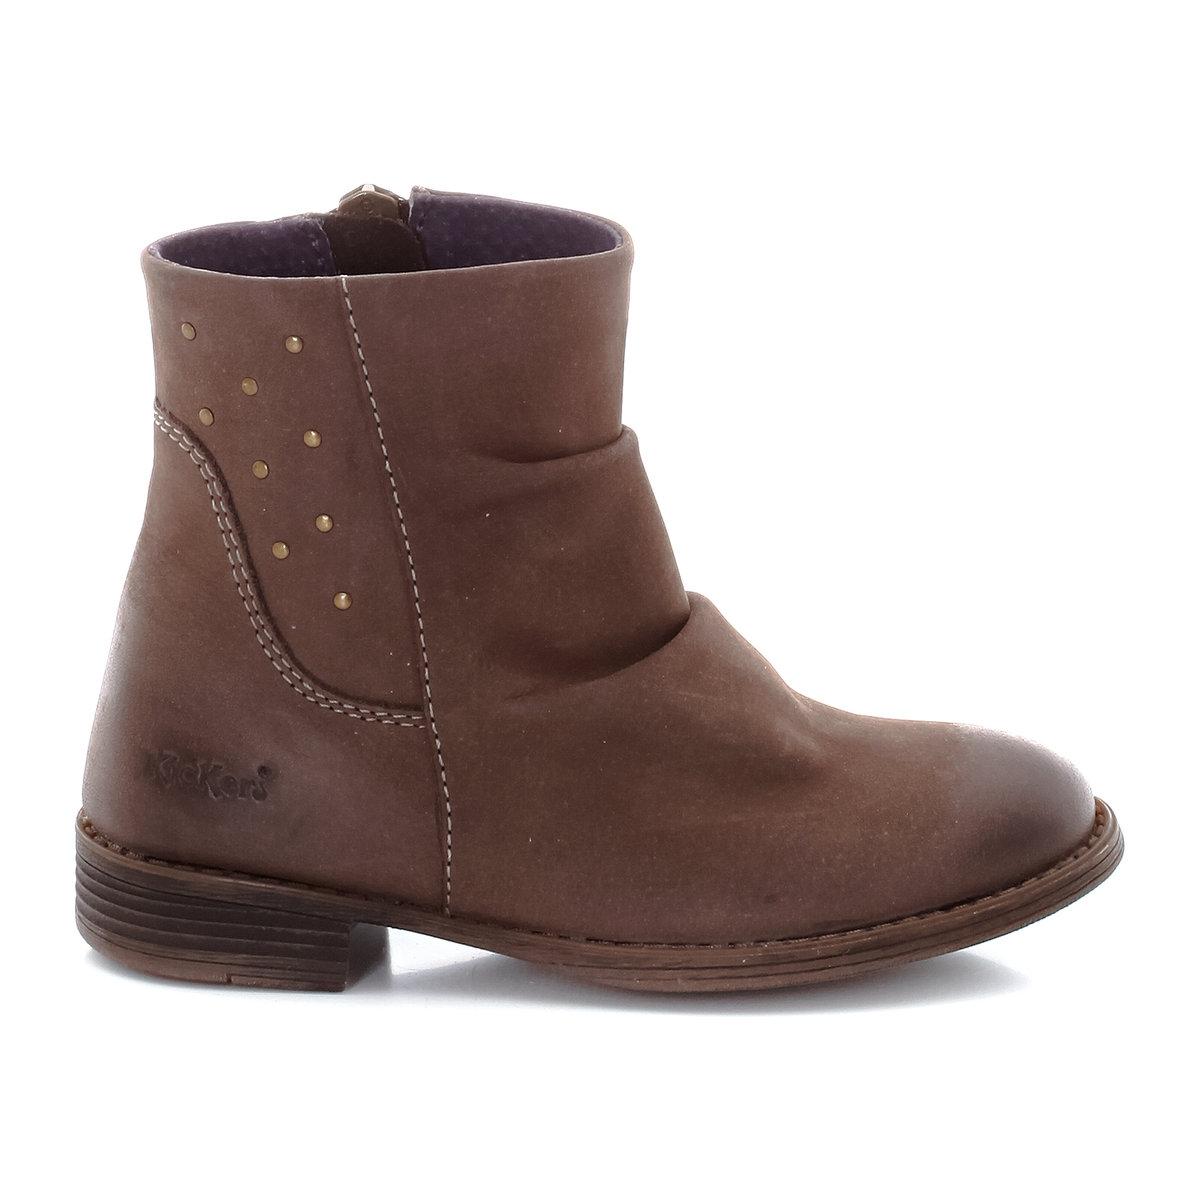 Ботинки Robber из нубуковой кожи